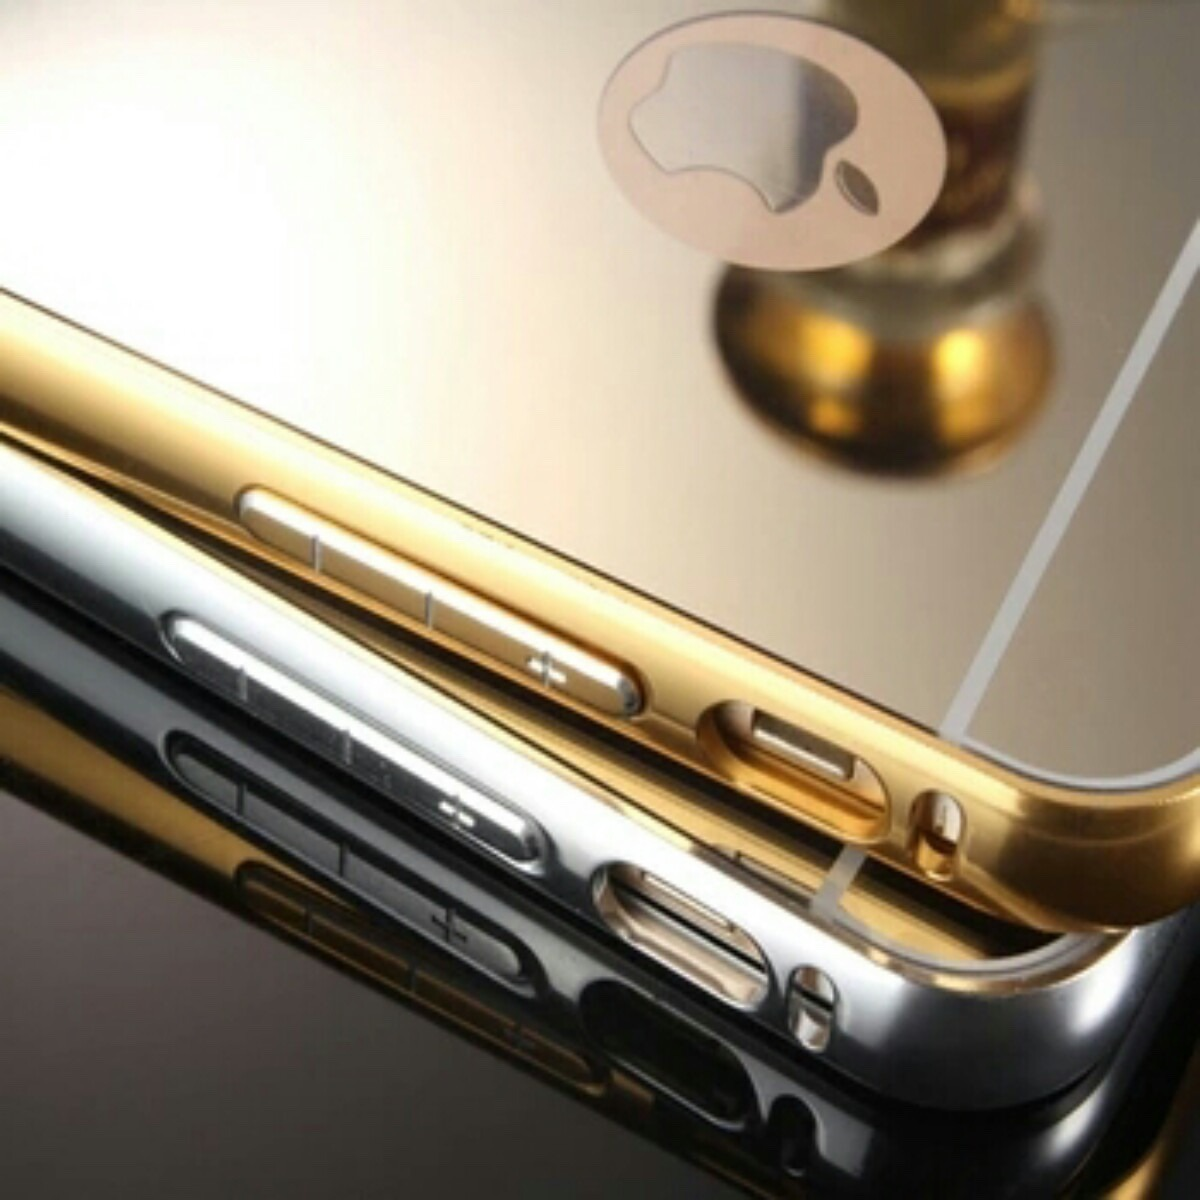 espejo gratis para iphone